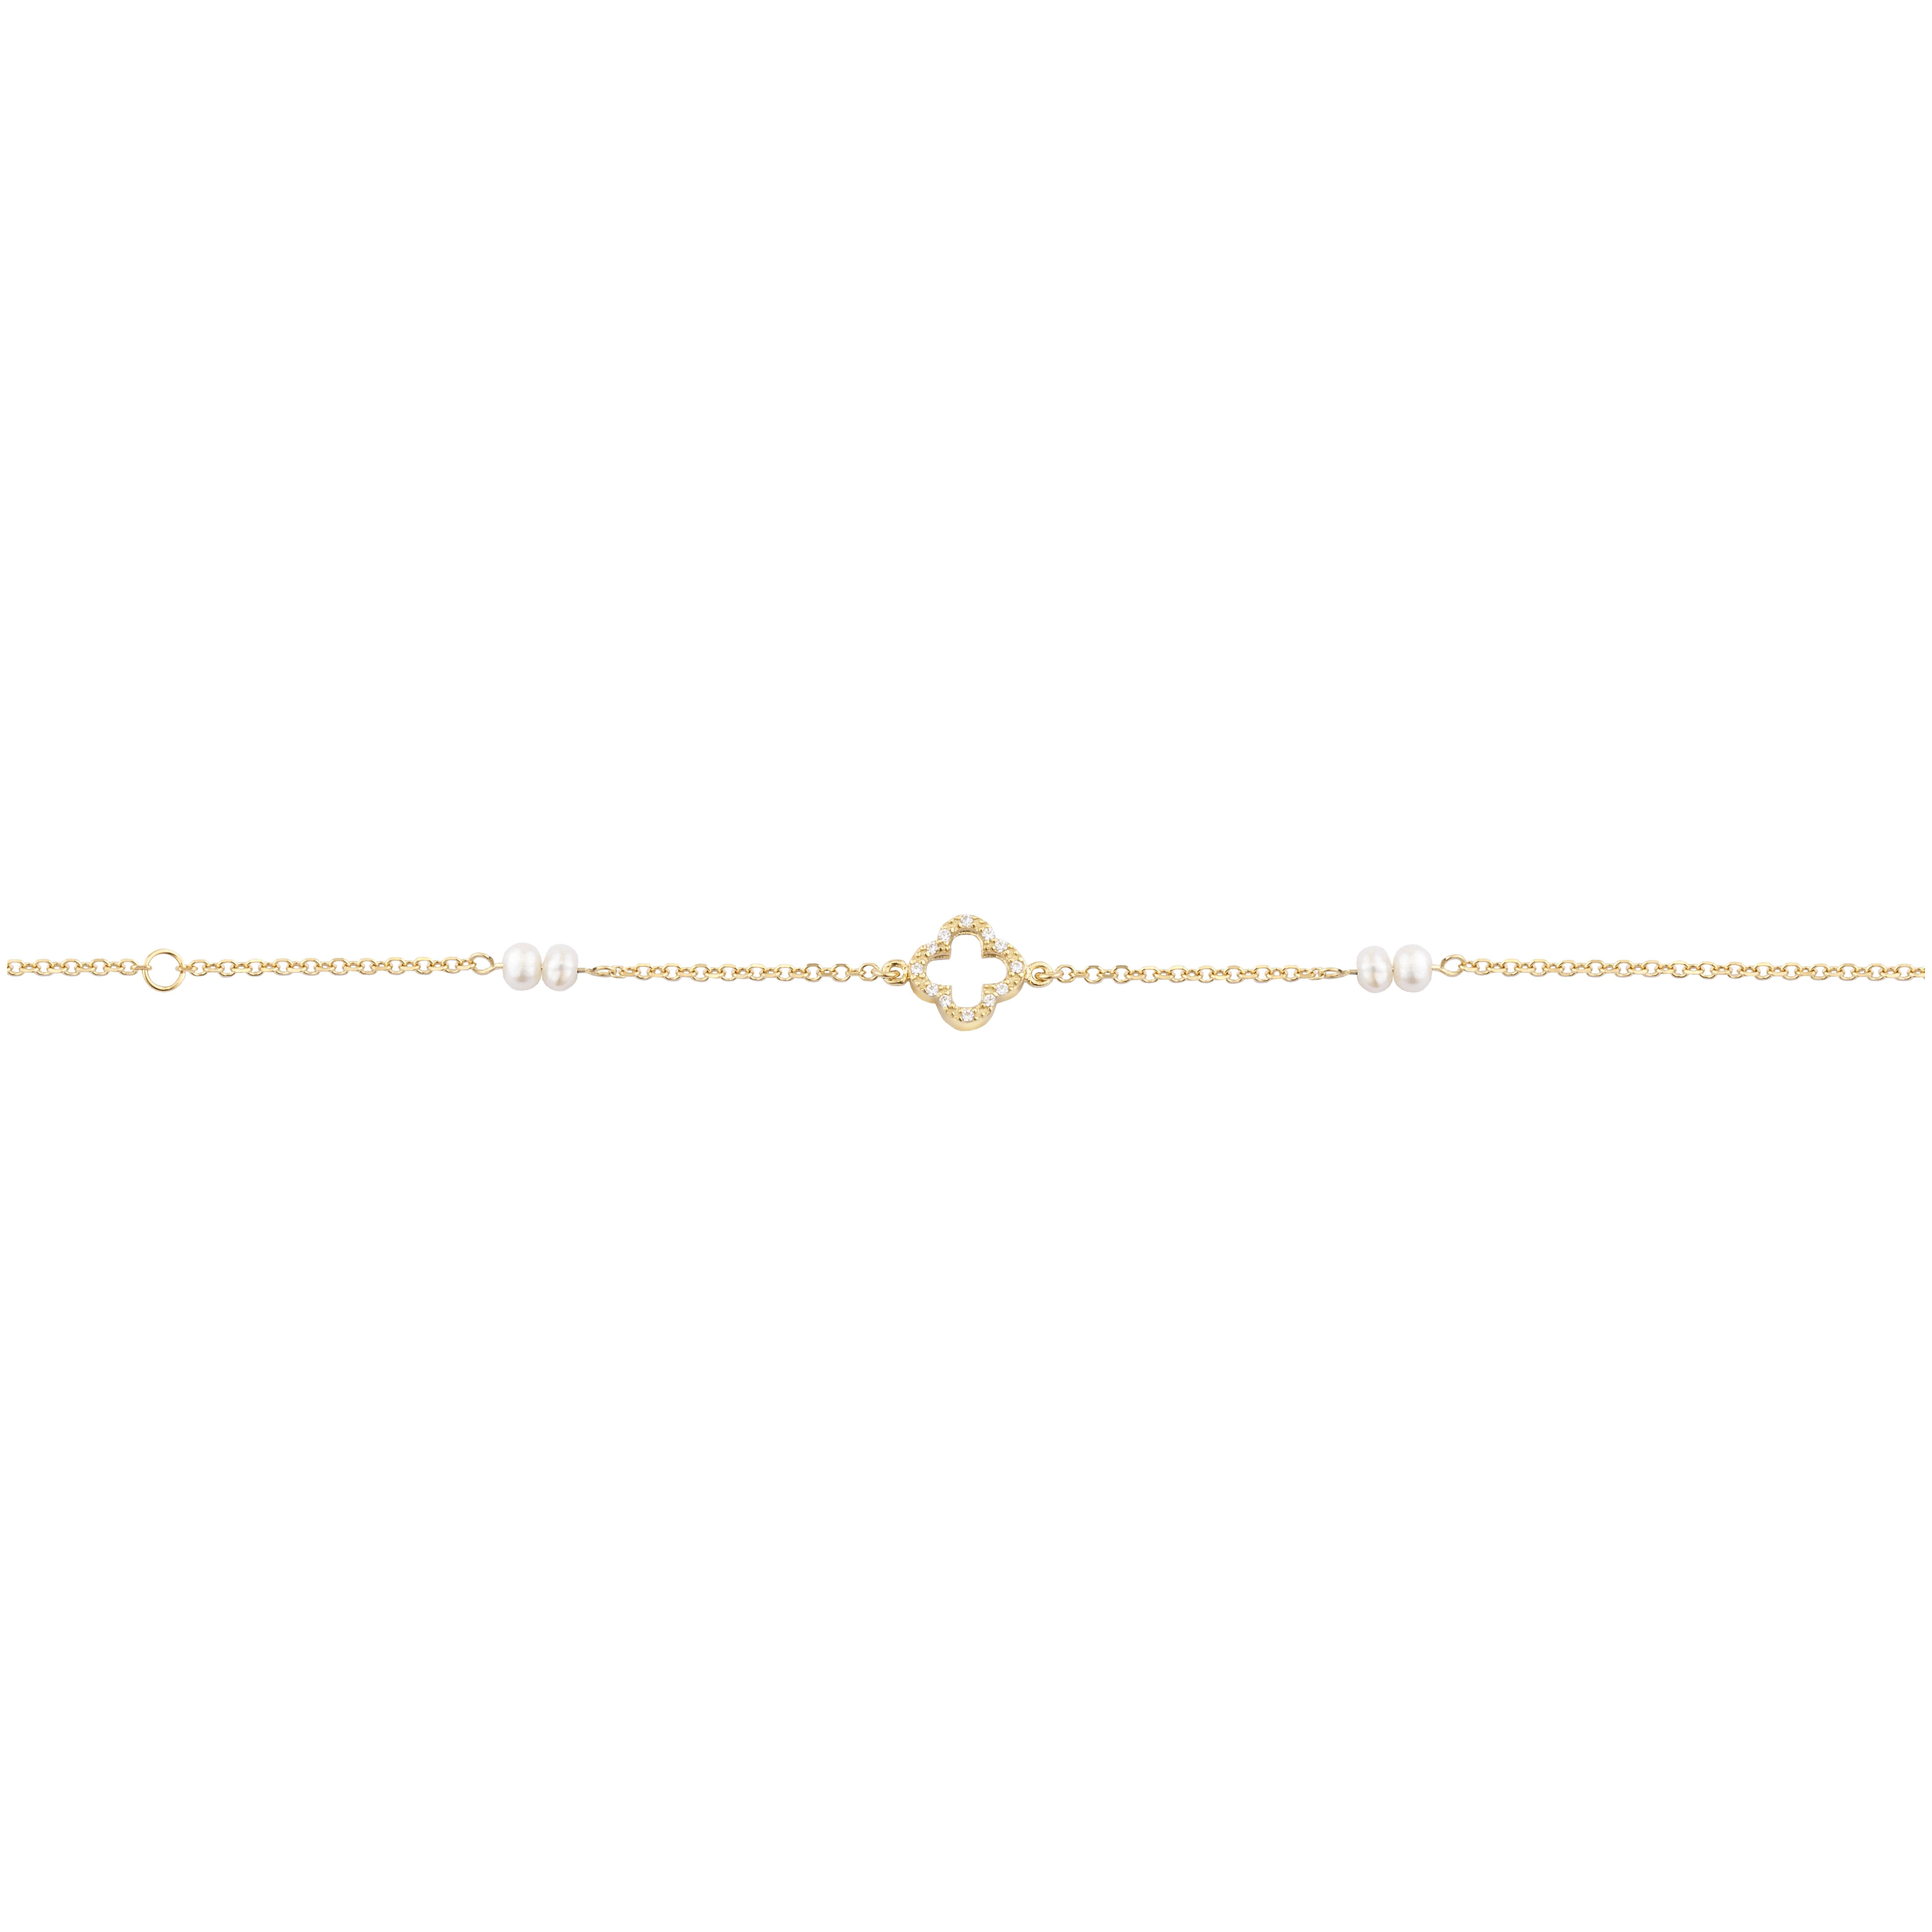 Παιδικό Βραχιόλι με Ζιργκόν Χρυσός Κ9 - 10341